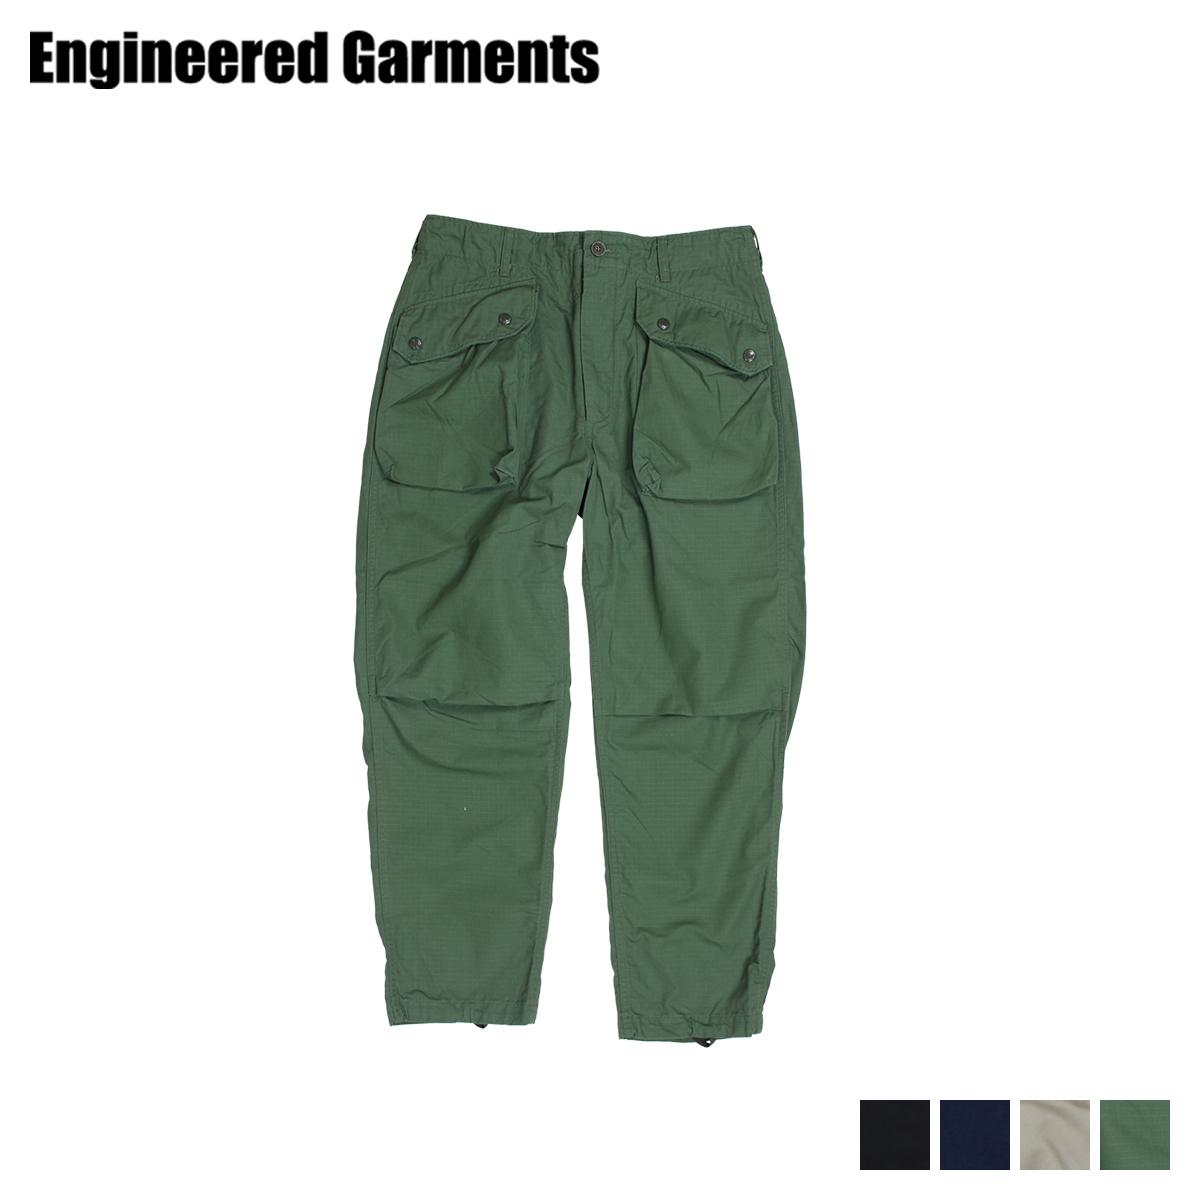 ENGINEERED GARMENTS NORWEGIAN PANT エンジニアドガーメンツ パンツ カーゴパンツ メンズ ブラック カーキ オリーブ 19SF007 [3/28 新入荷]